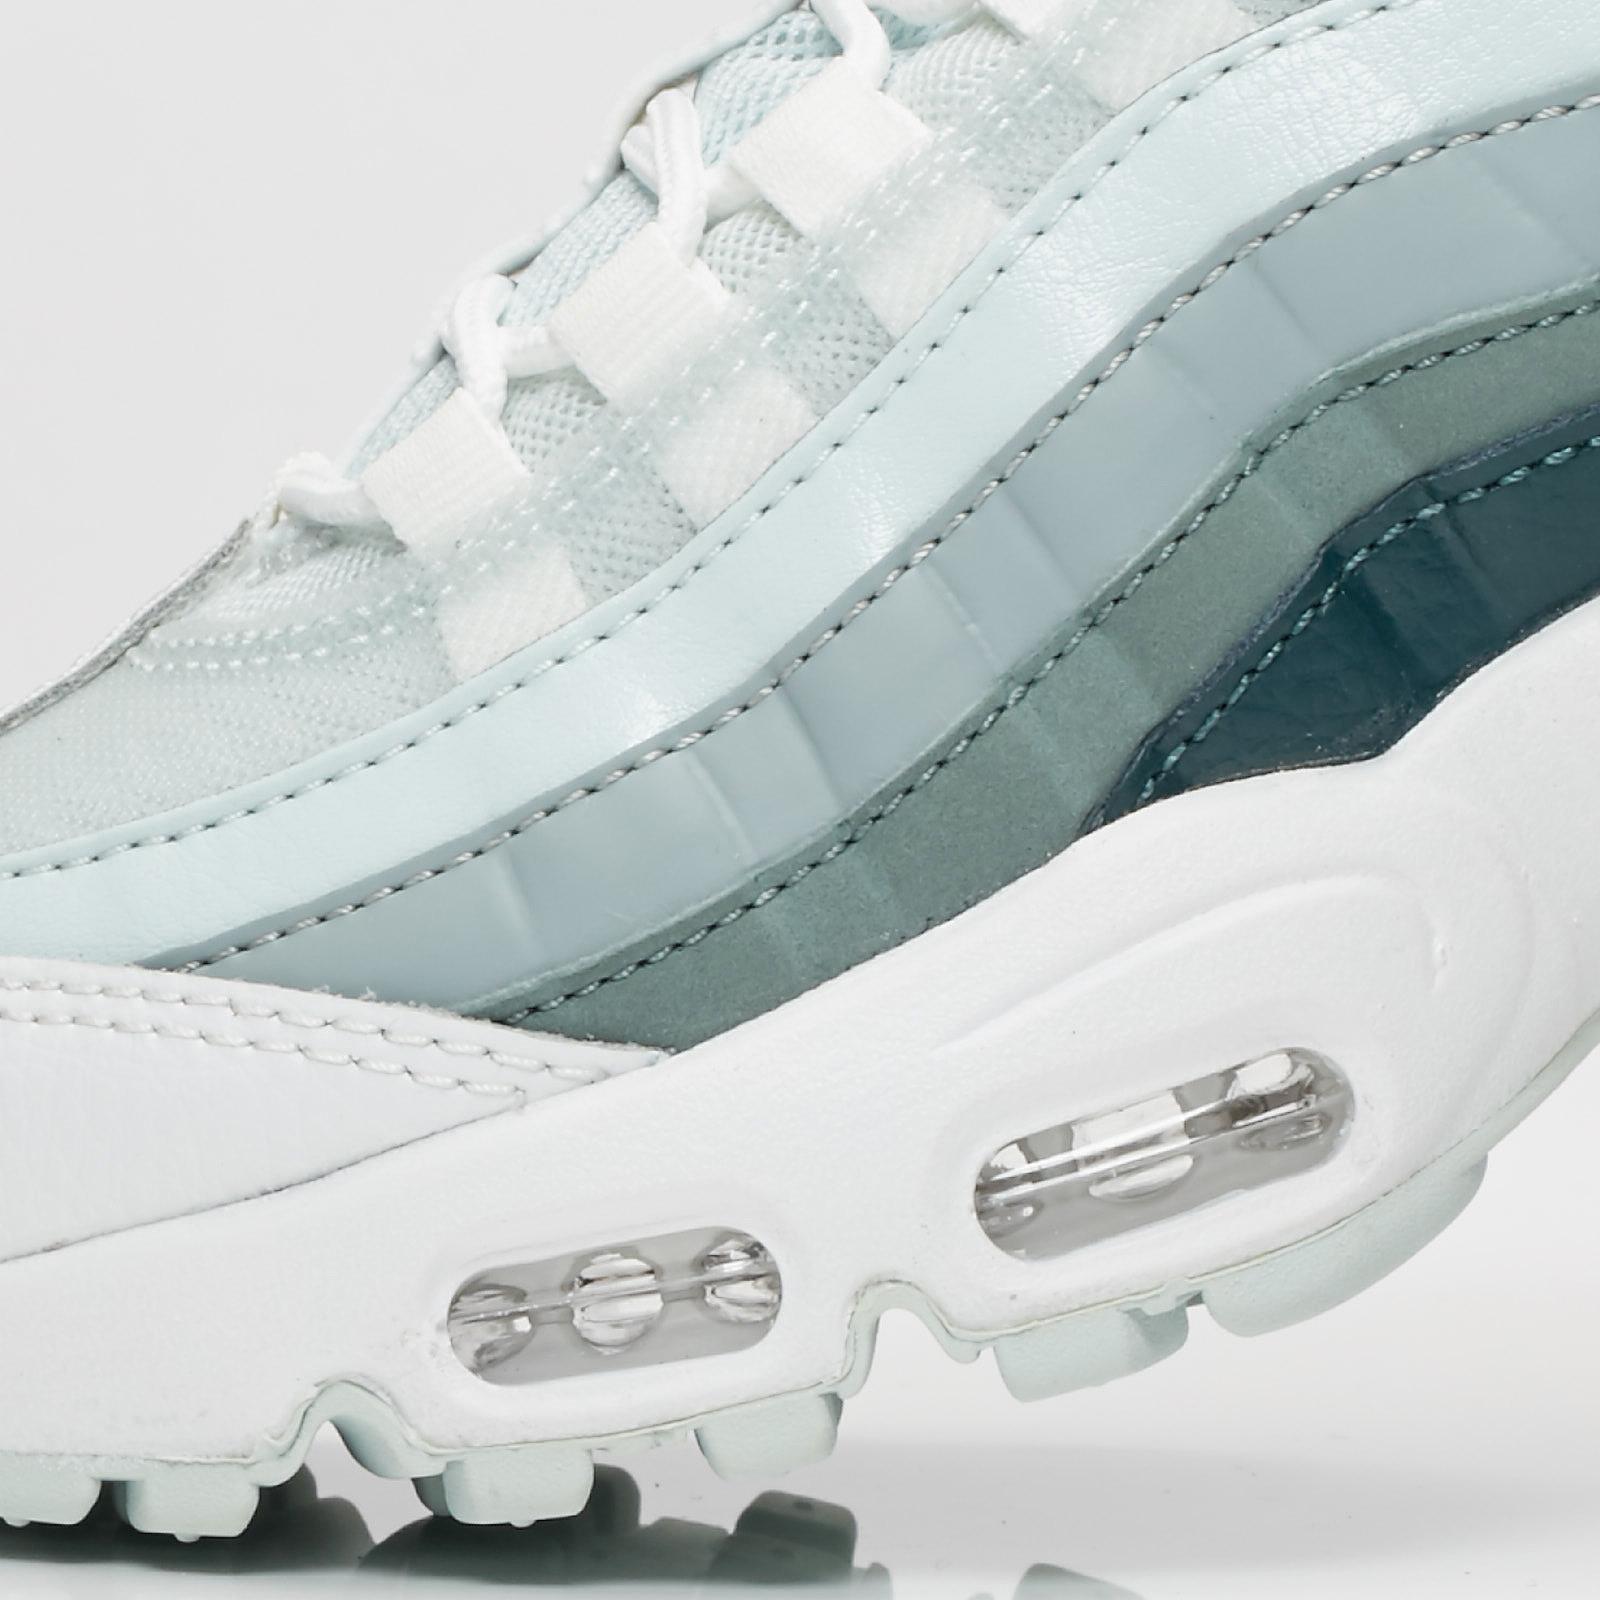 324ae6d13b Nike Wmns Air Max 95 - 307960-013 - Sneakersnstuff | sneakers ...